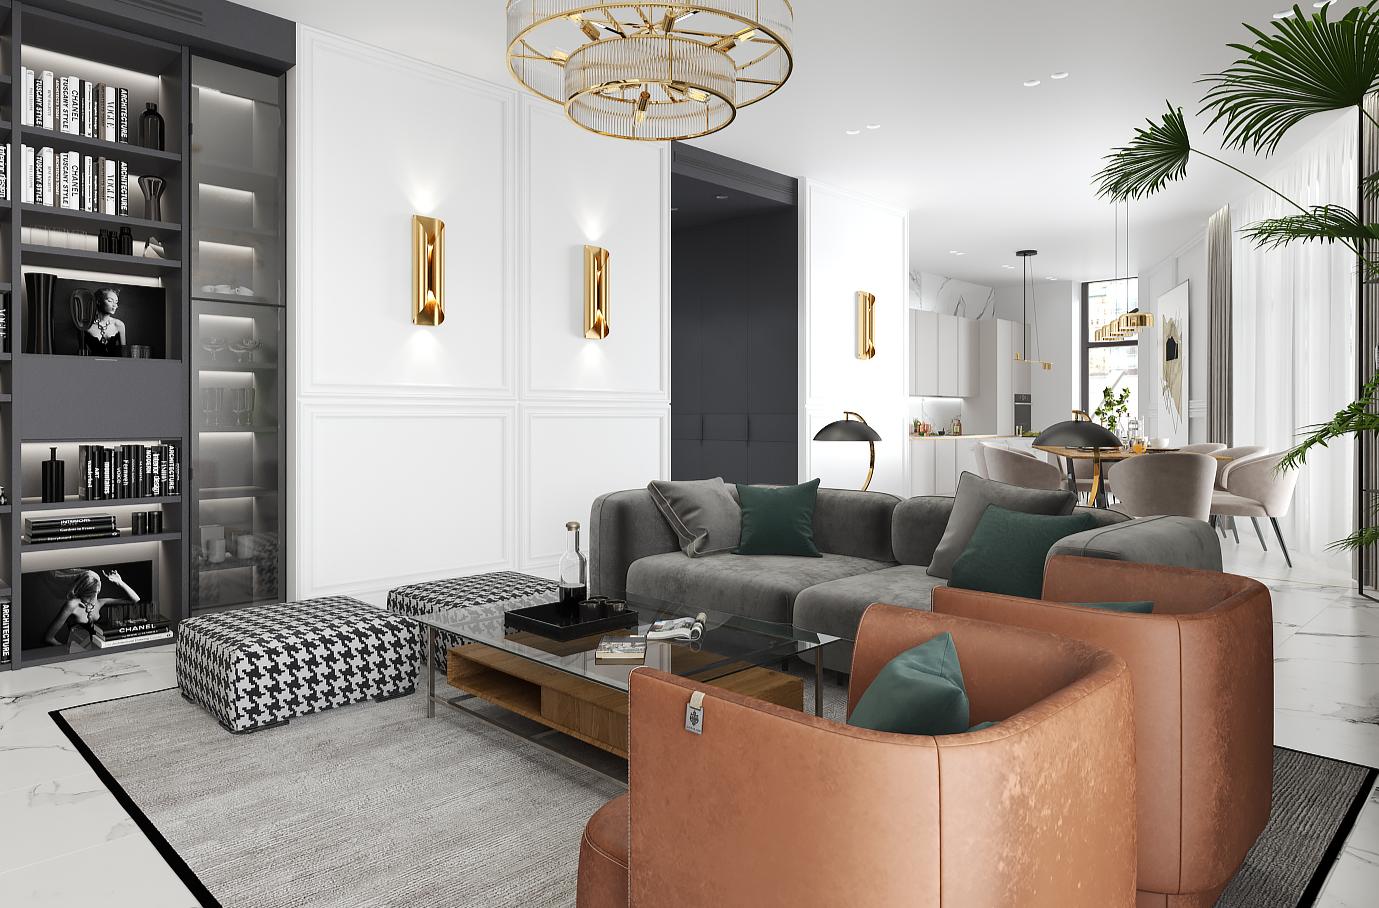 Проект: Young Man Apartment <br />Компанія: BURO 21